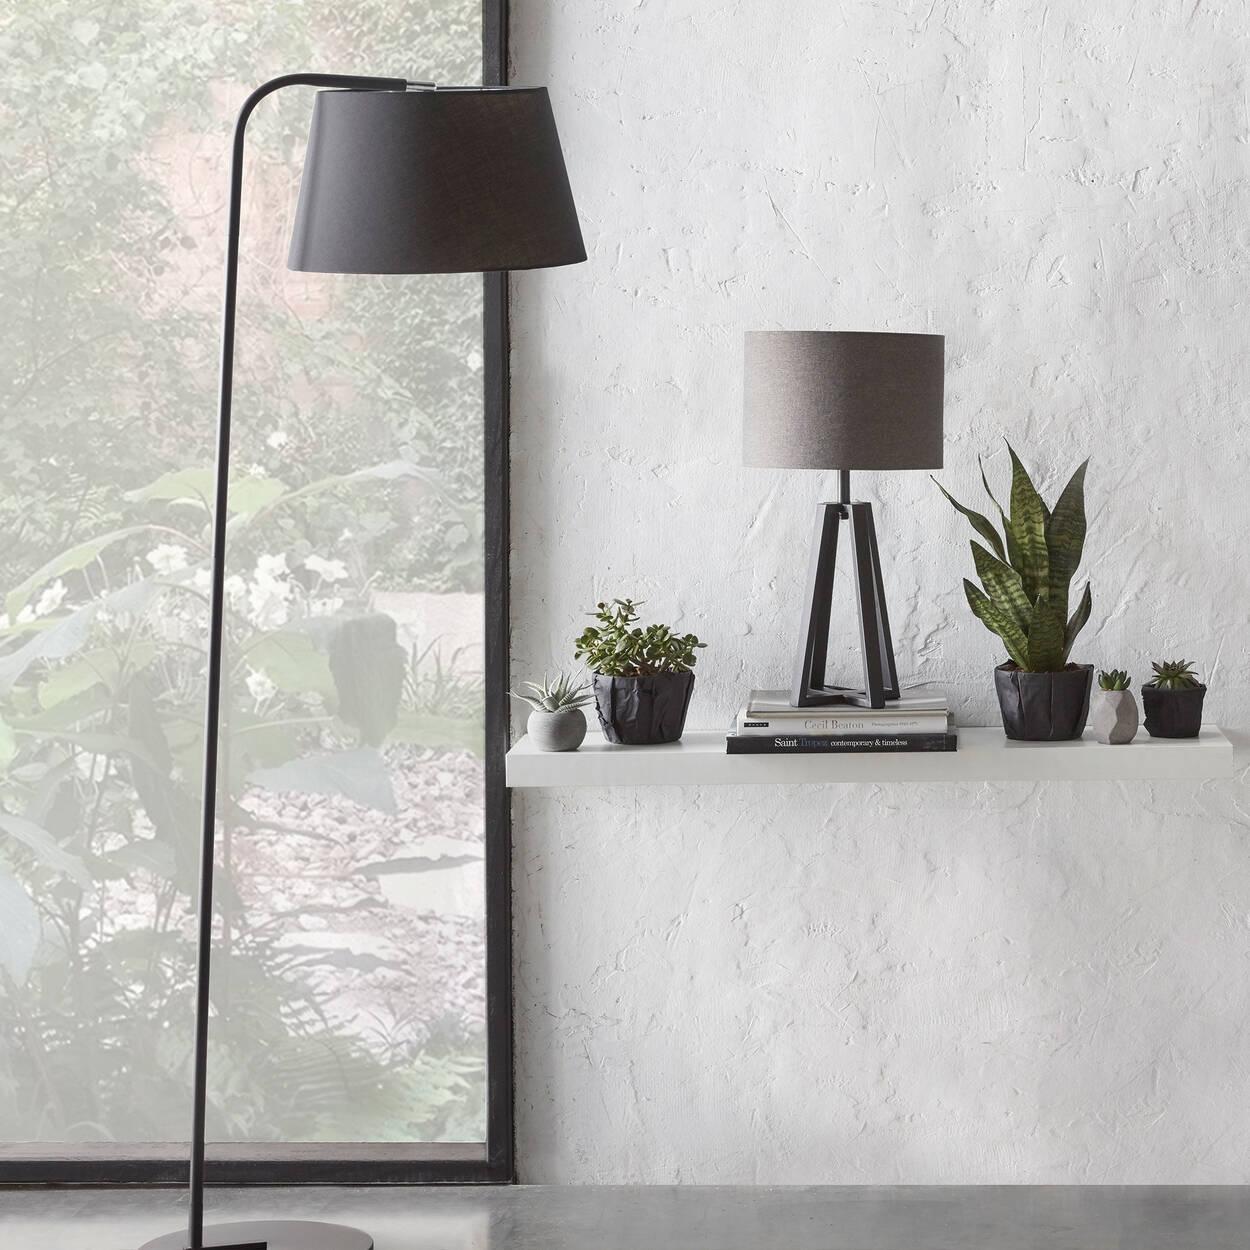 Geometric Metal Table Lamp